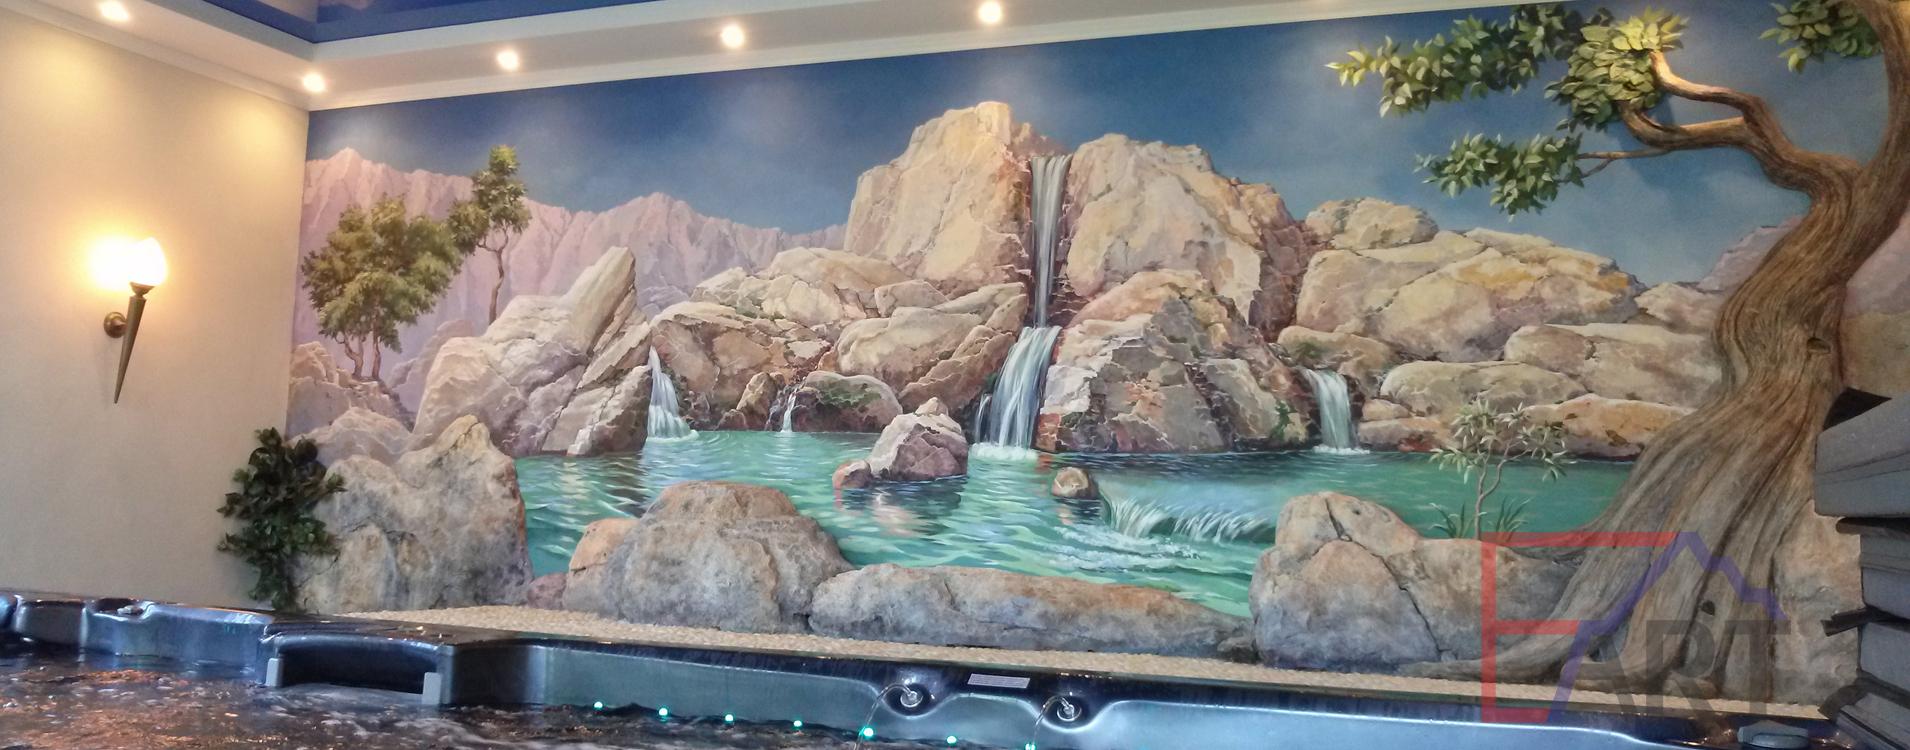 Роспись на стене в спа-комнате: горный пейзаж с водопадом и рекой; барельеф в виде дерева и диких камней.